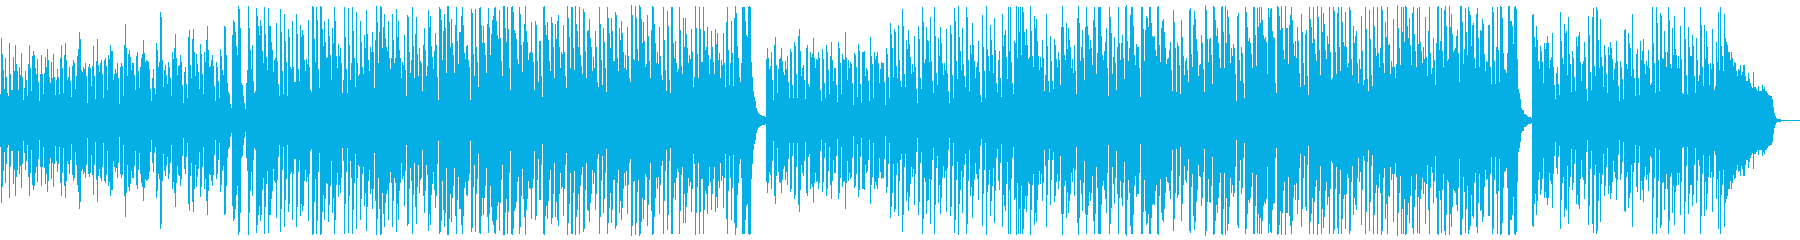 ポップピアノレクリエーション:フル1回の再生済みの波形